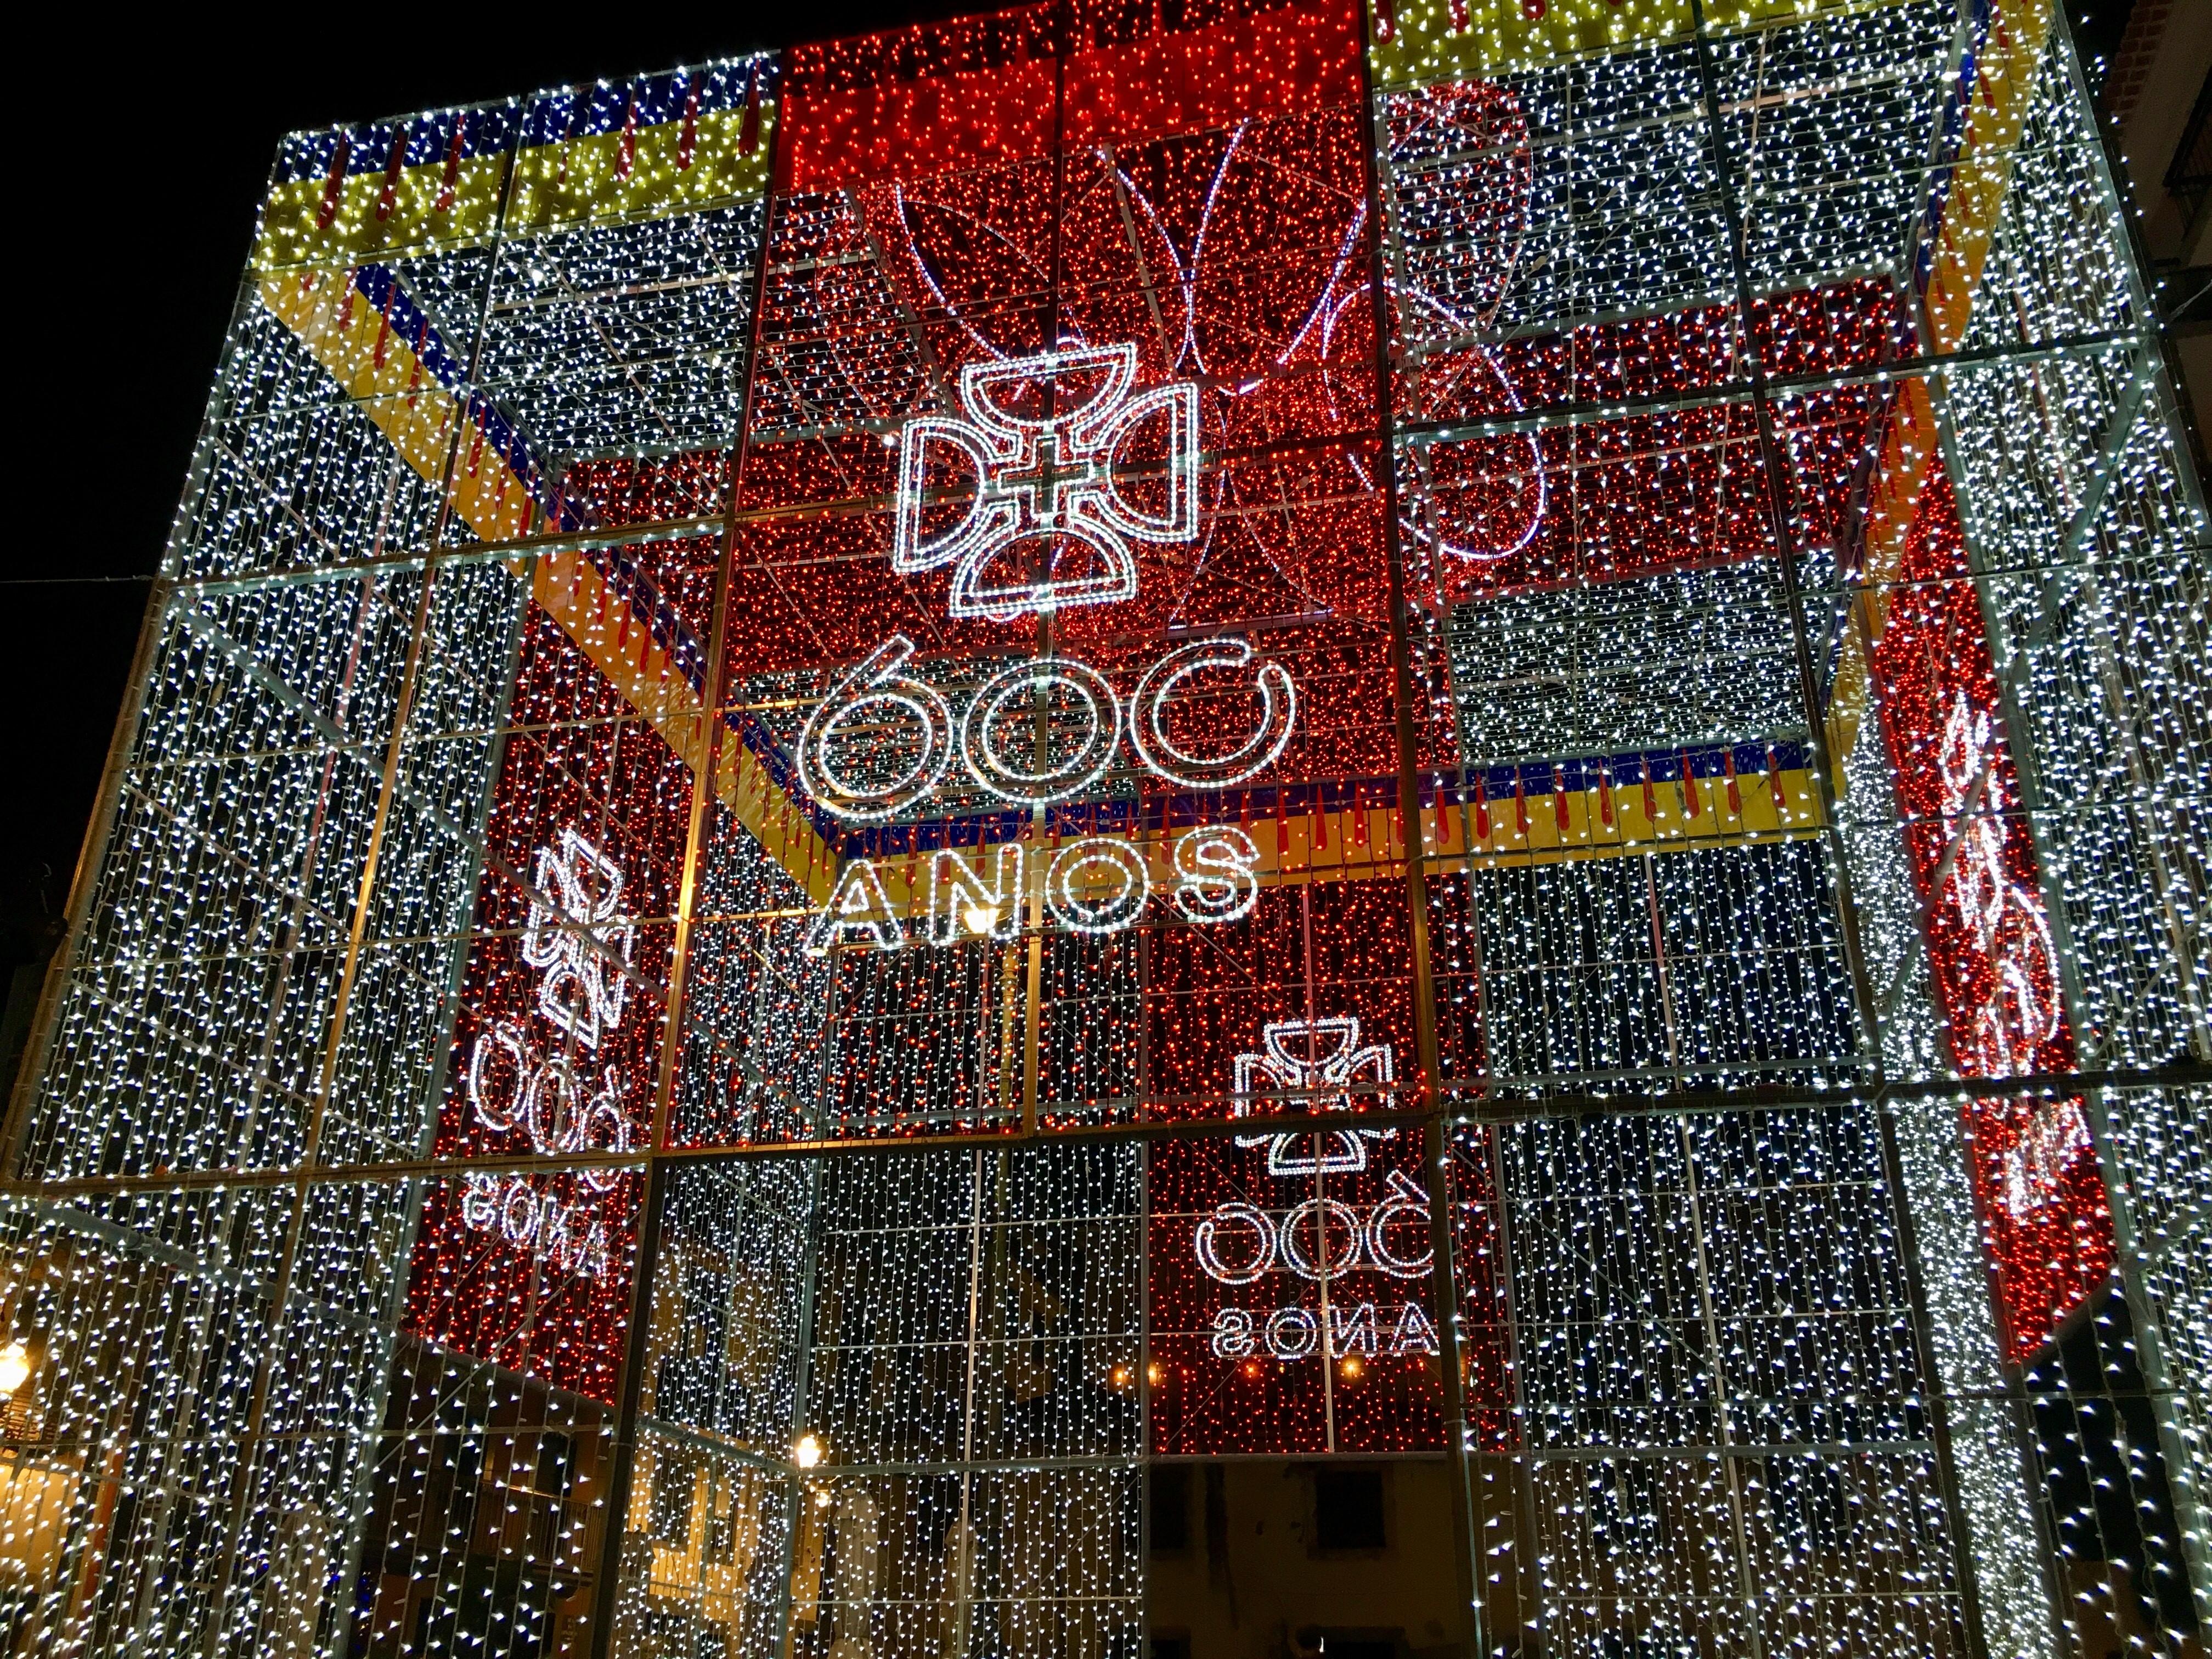 Concertos, atuações musicais e oficinas marcam a última semana do programa das Festas de Natal e Fim do Ano